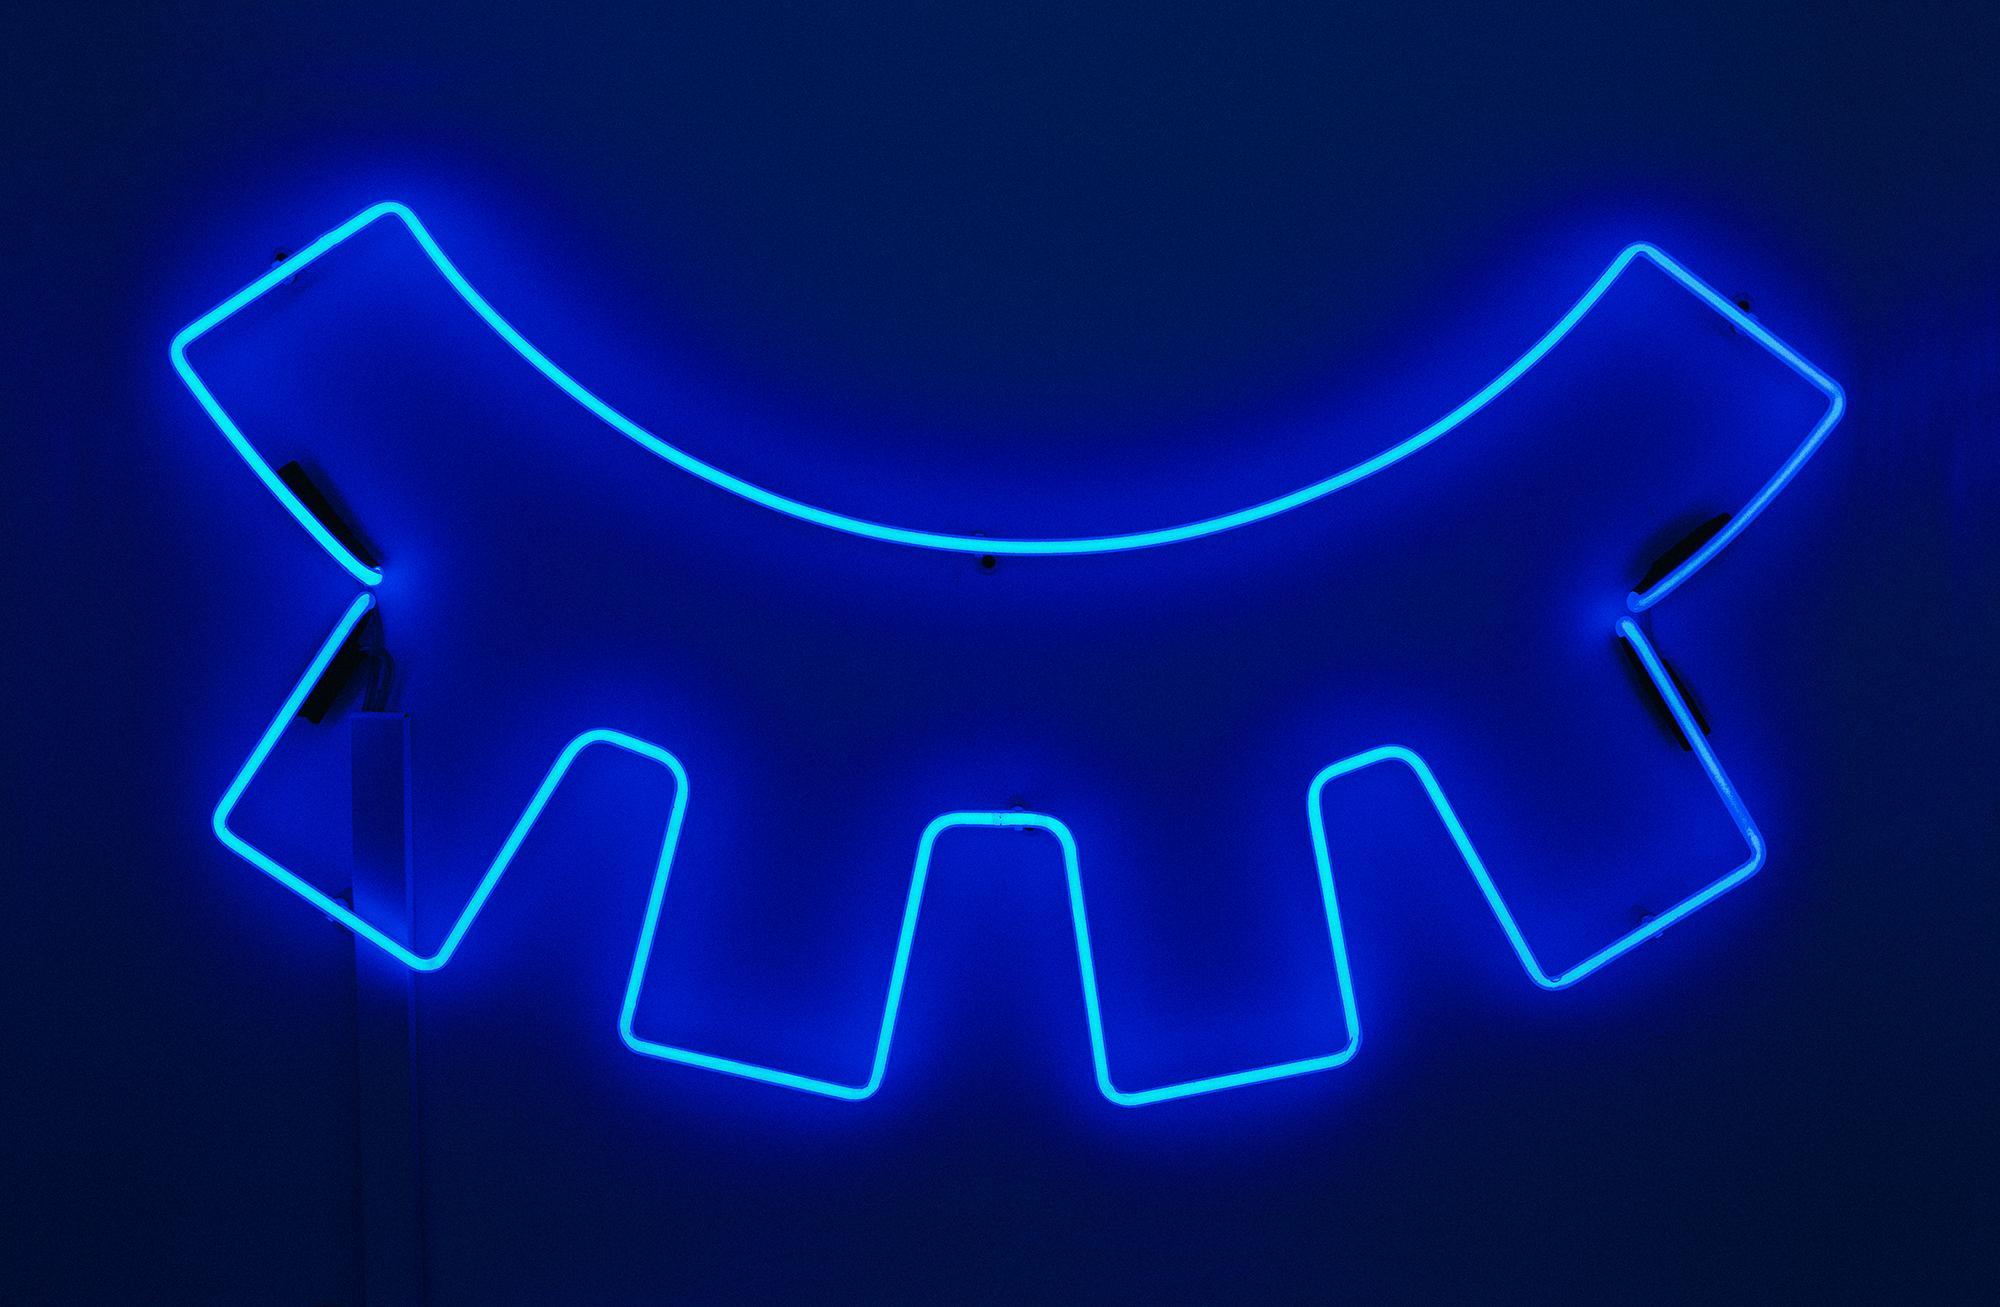 kaibosh_29_neon-sign.jpg